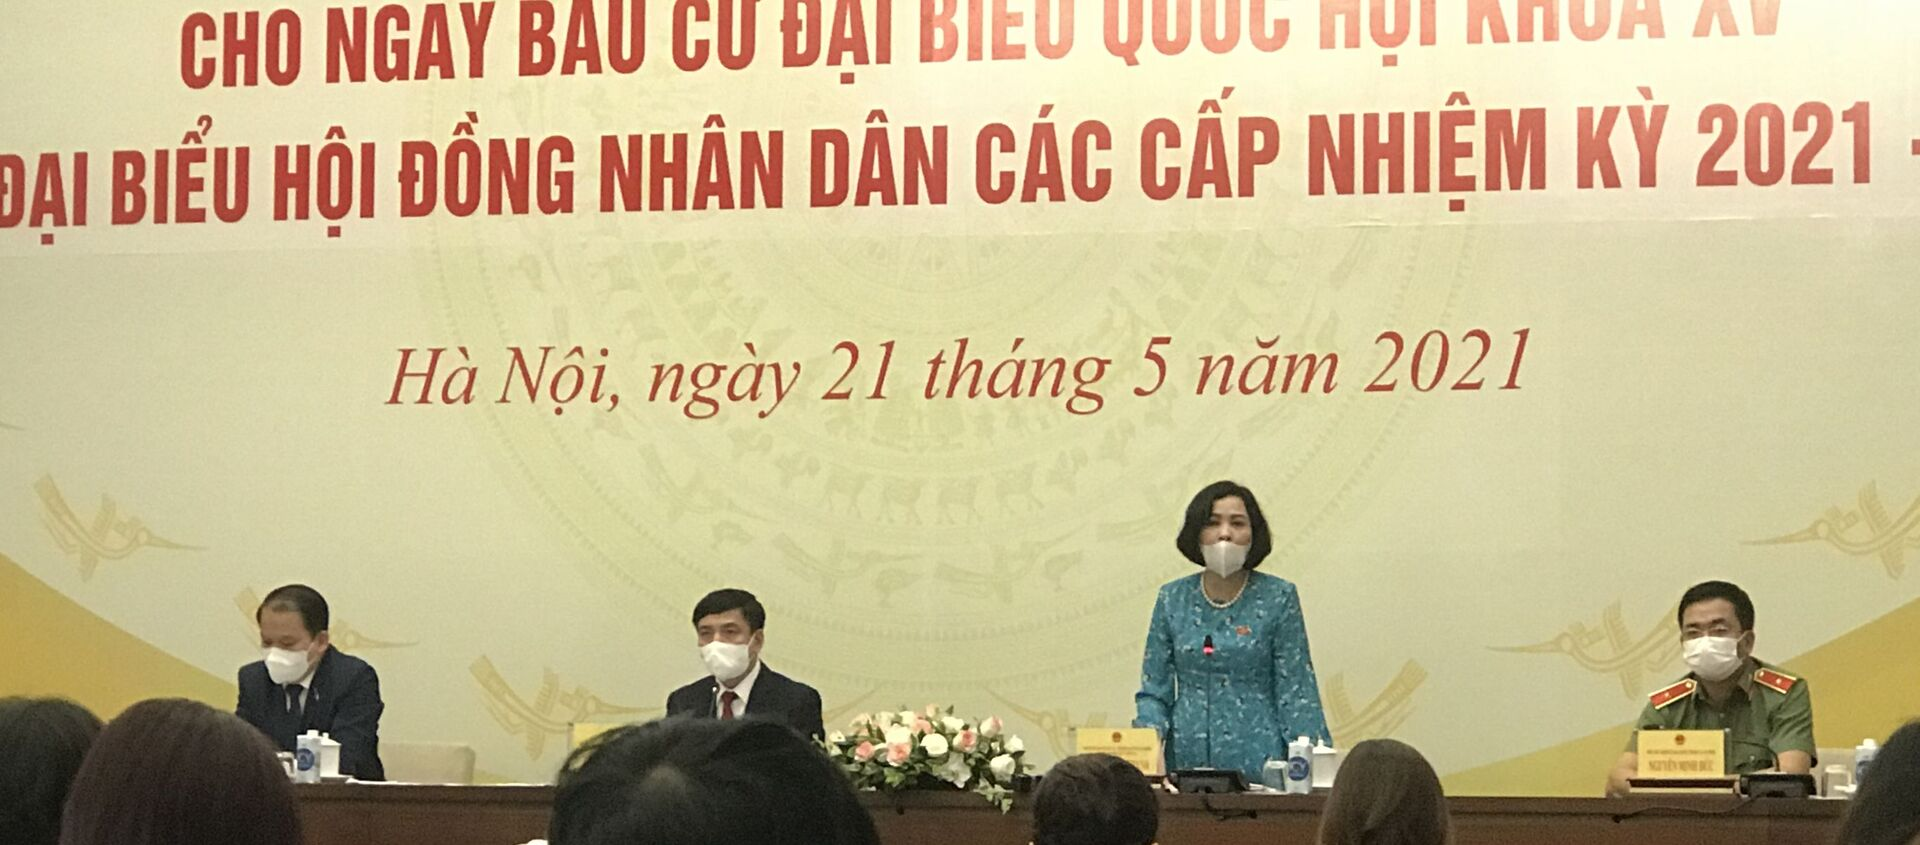 Bà Nguyễn Thị Thanh, Ủy viên Ủy ban Thường vụ Quốc hội, Trưởng ban Công tác đại biểu. - Sputnik Việt Nam, 1920, 21.05.2021